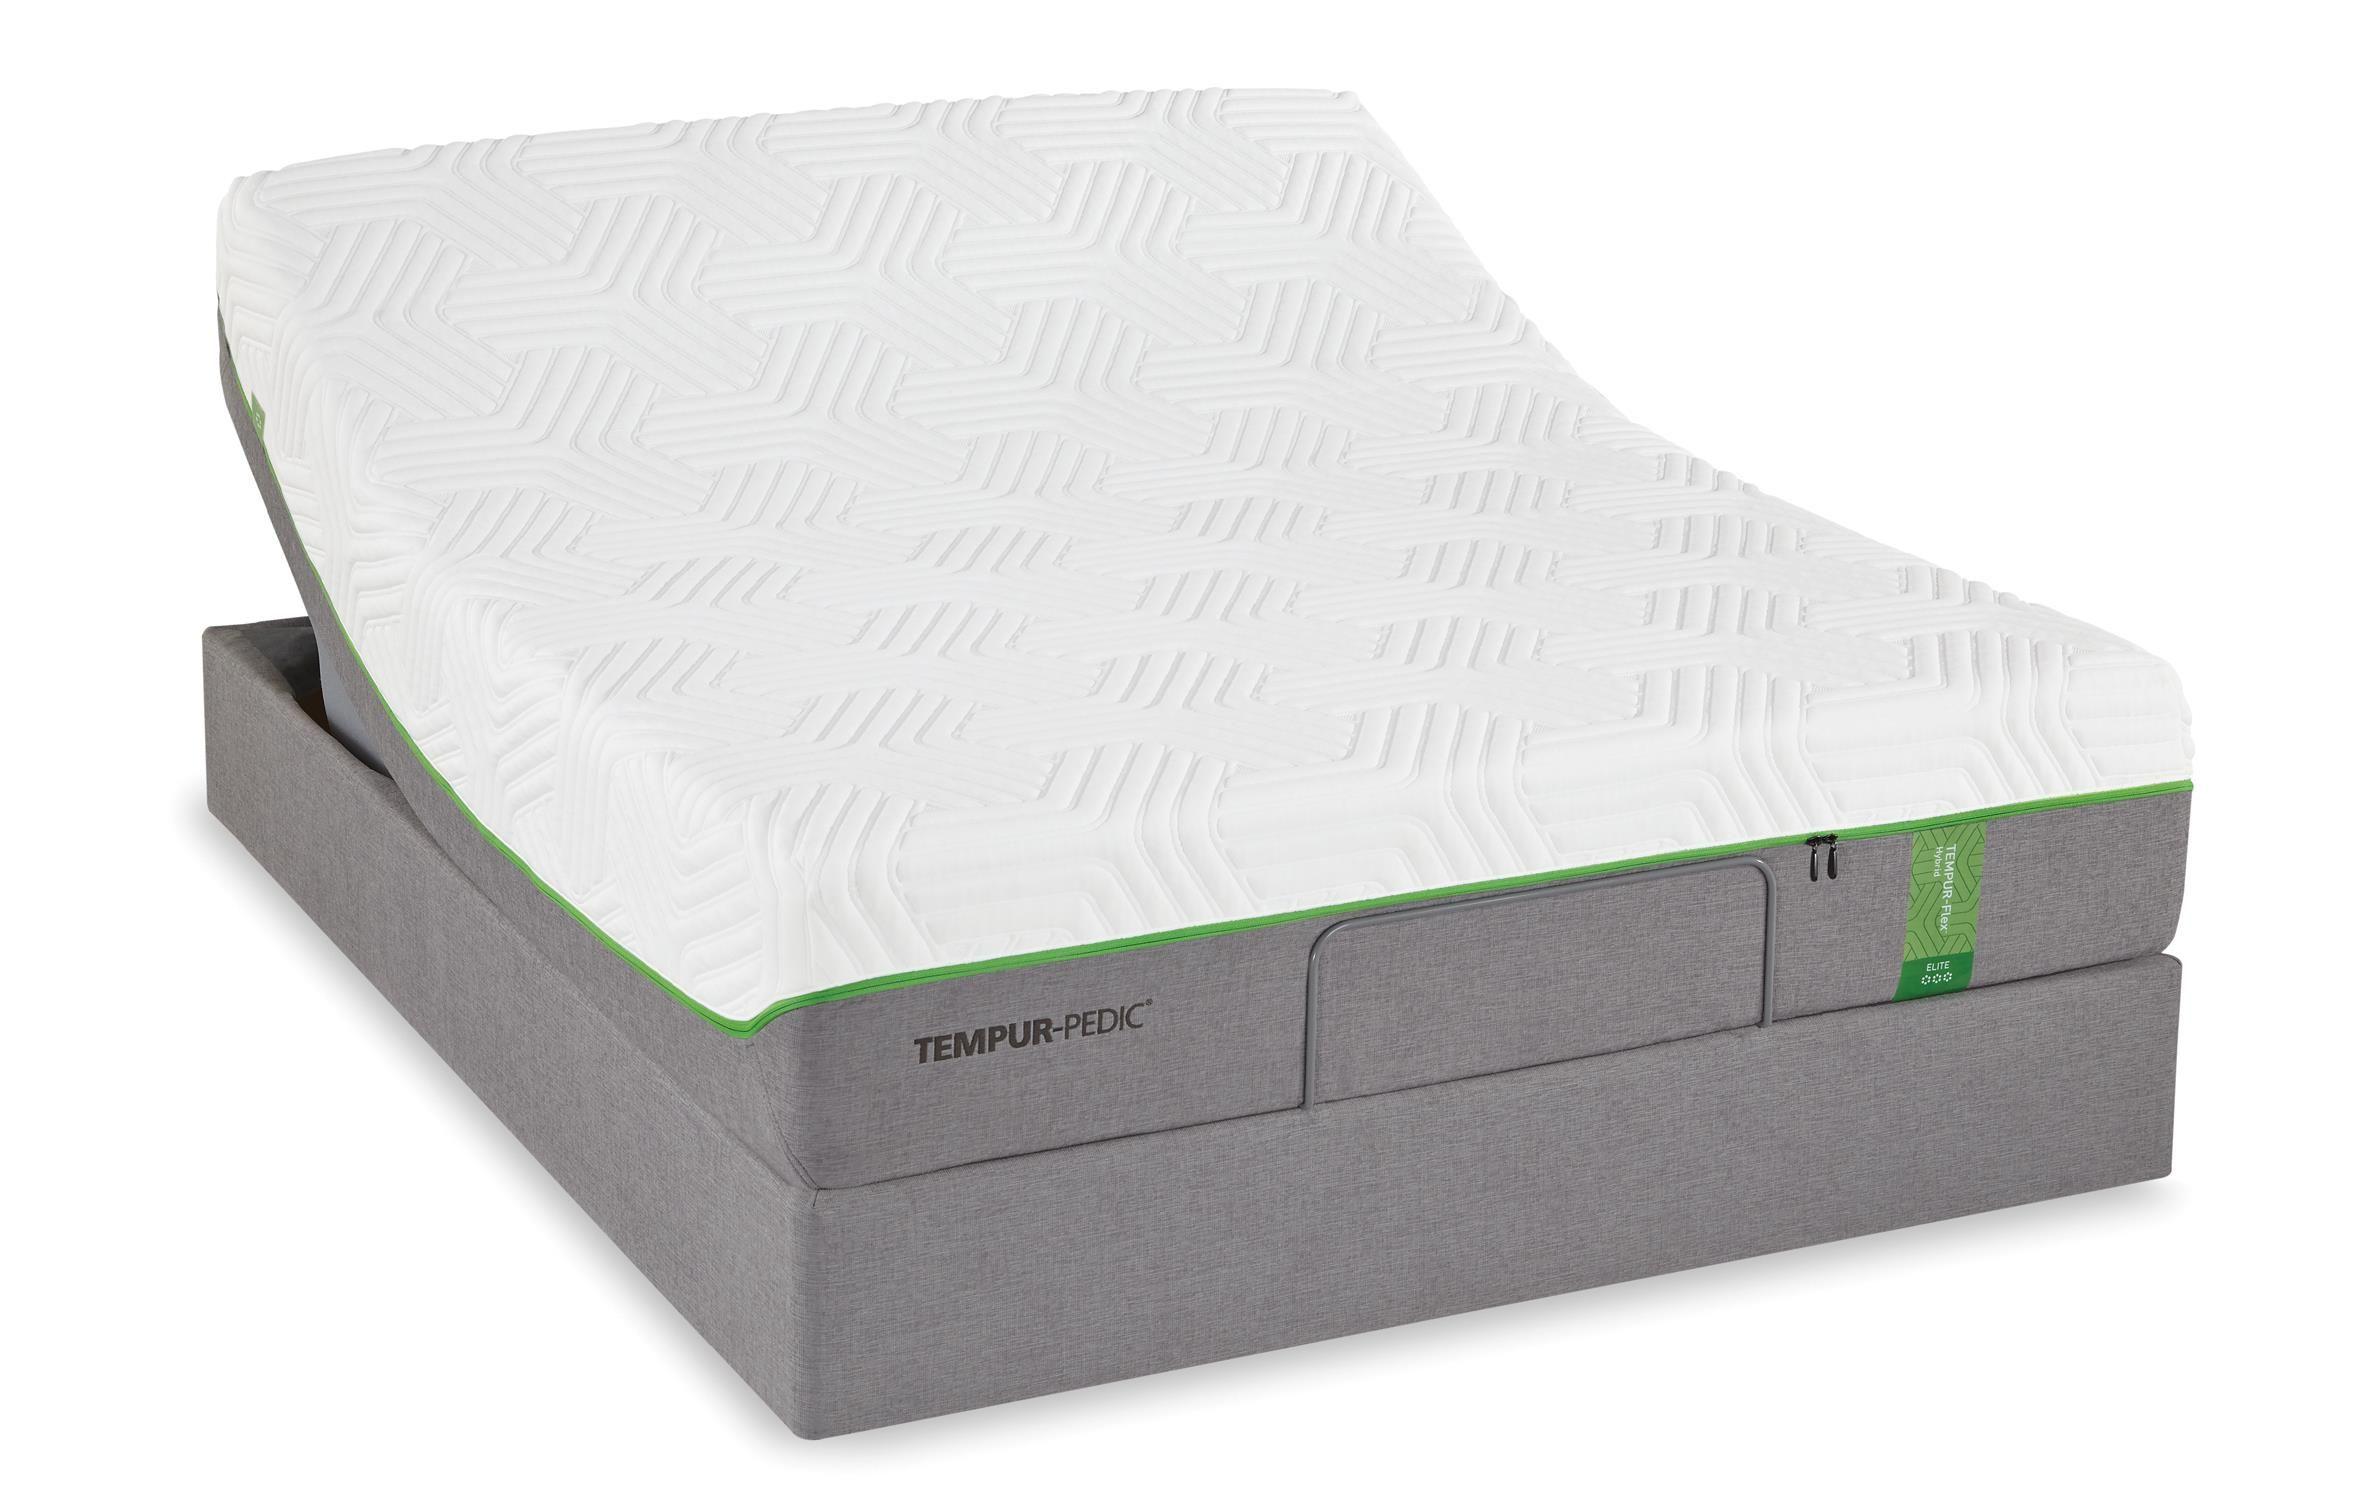 tempur flex elite queen medium soft plush mattress set by tempur